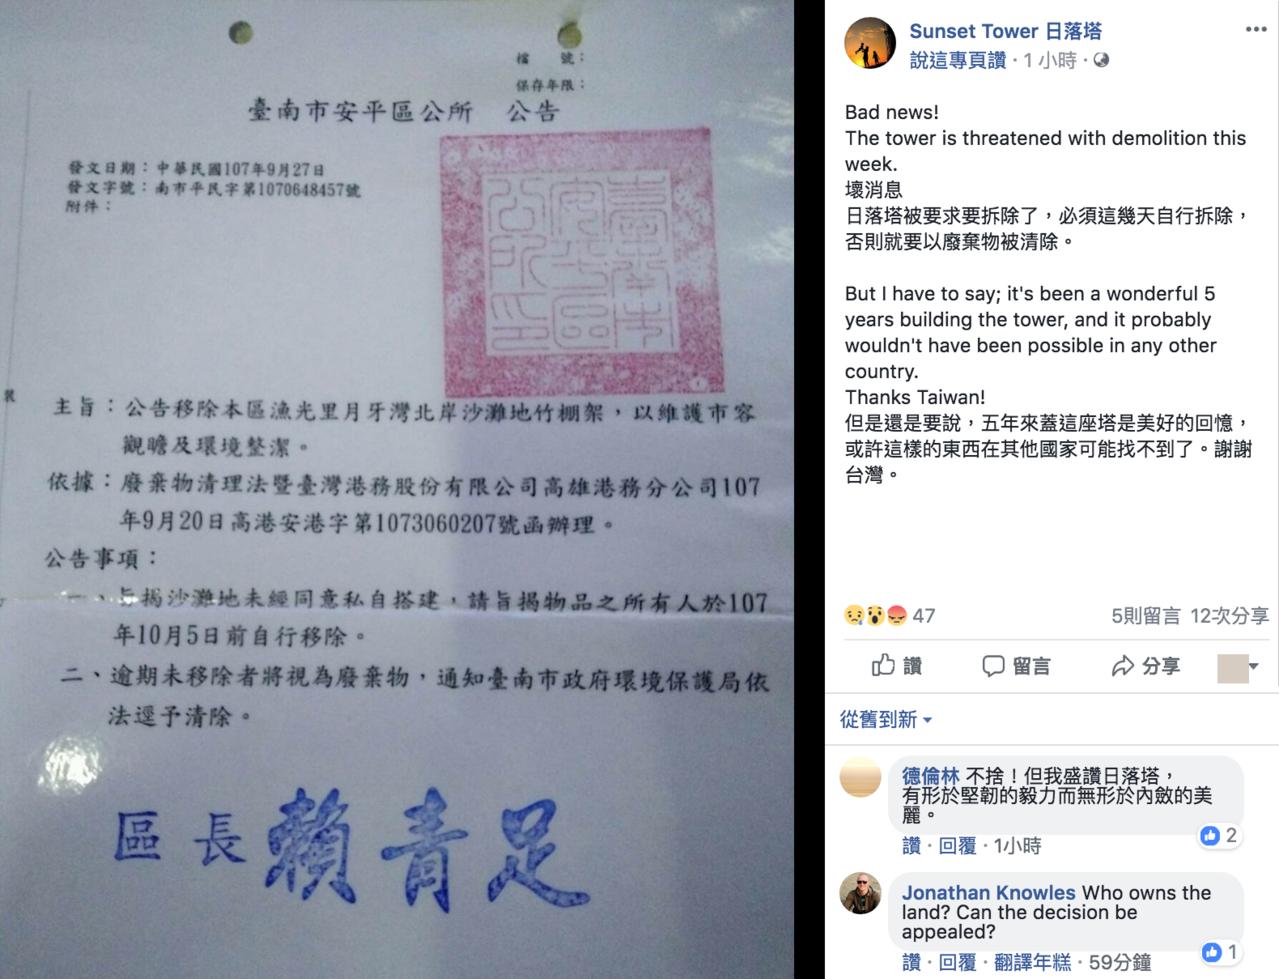 日落塔粉絲頁今晚貼出台南市安平區公所發出的公告。圖/擷取自「日落塔」粉絲頁